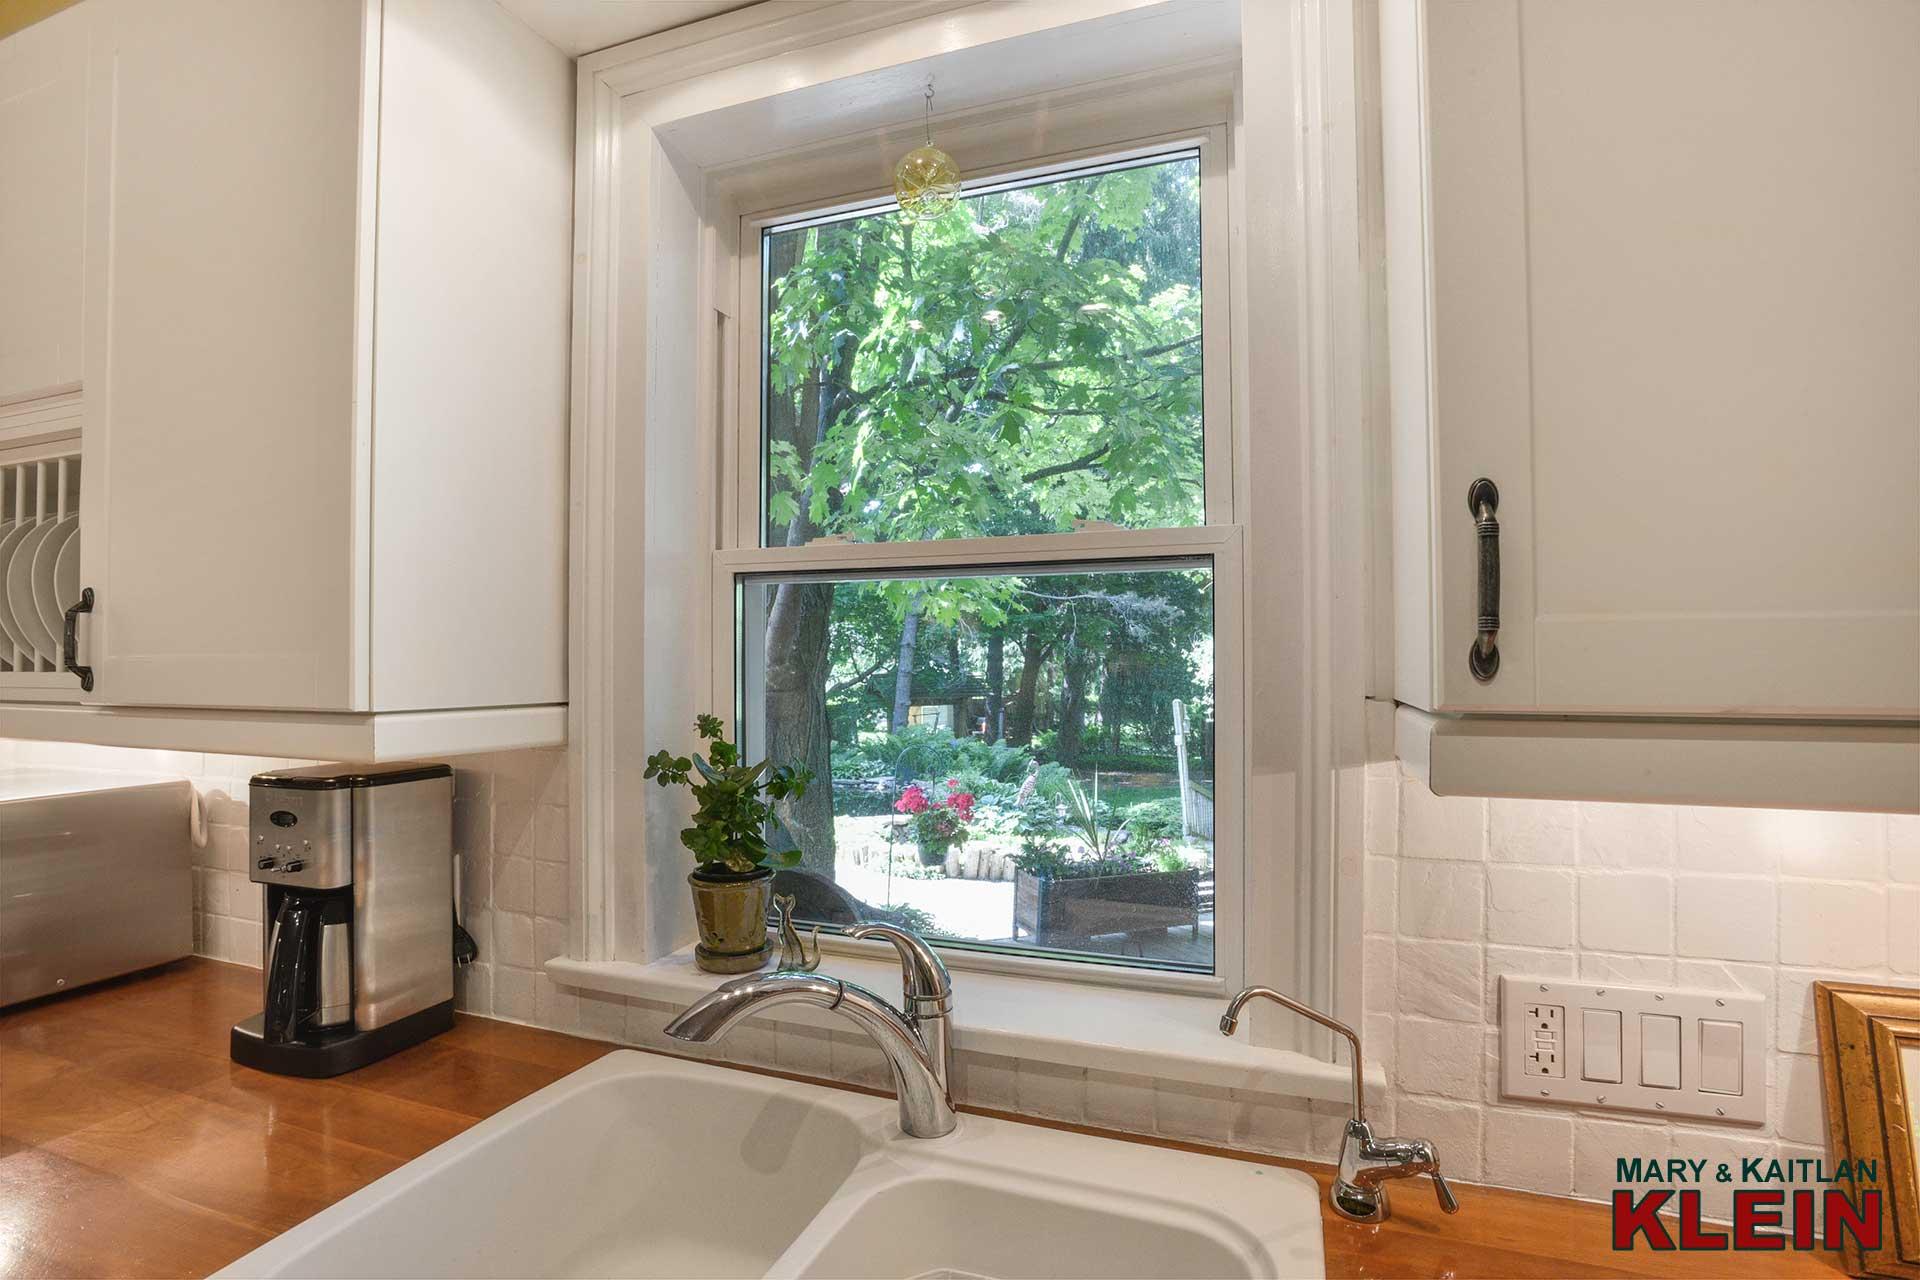 Kitchen Sink with Views